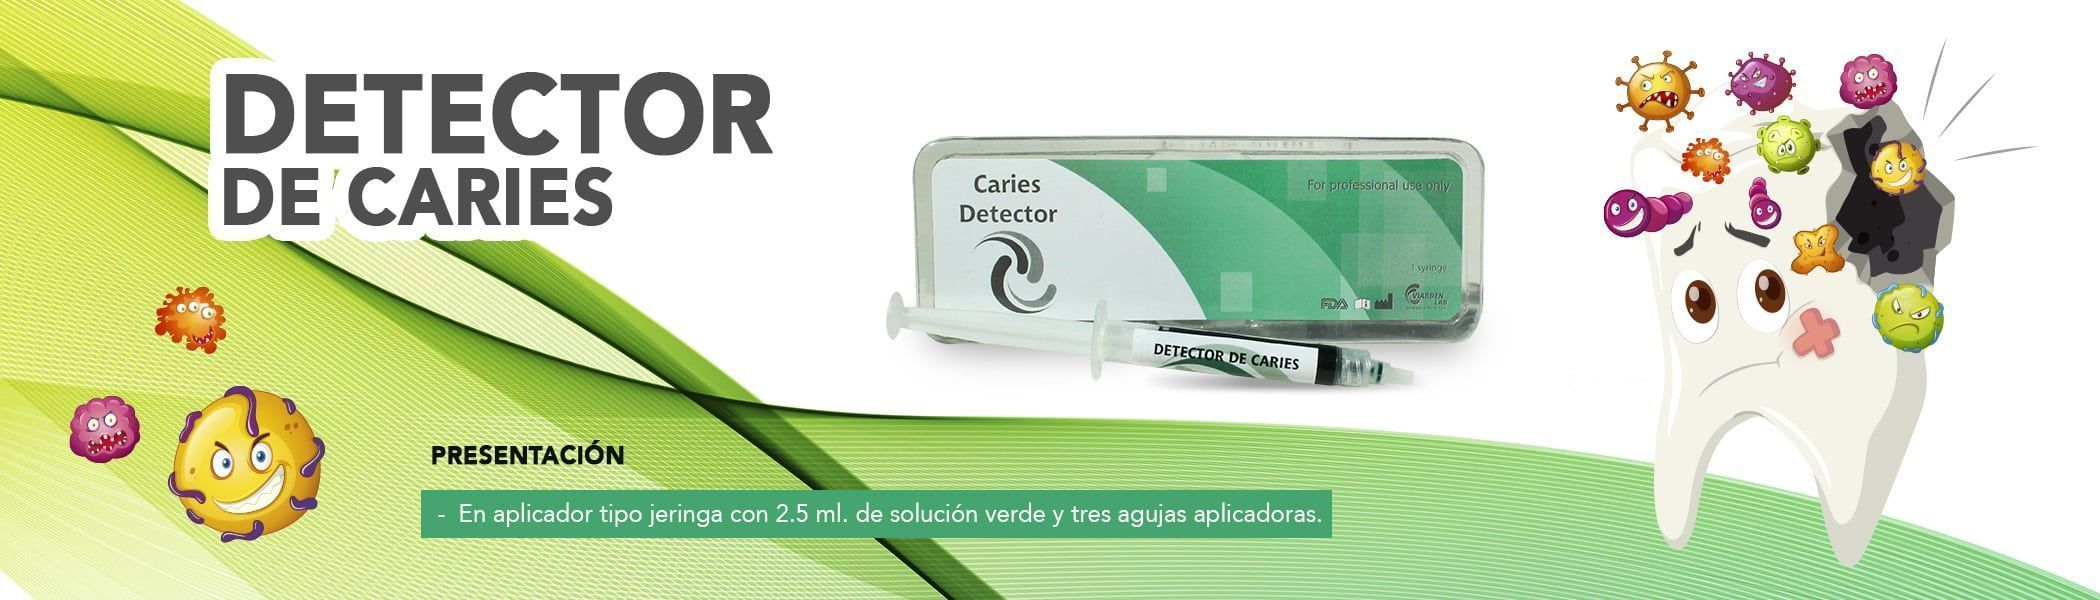 slide-detector-caries